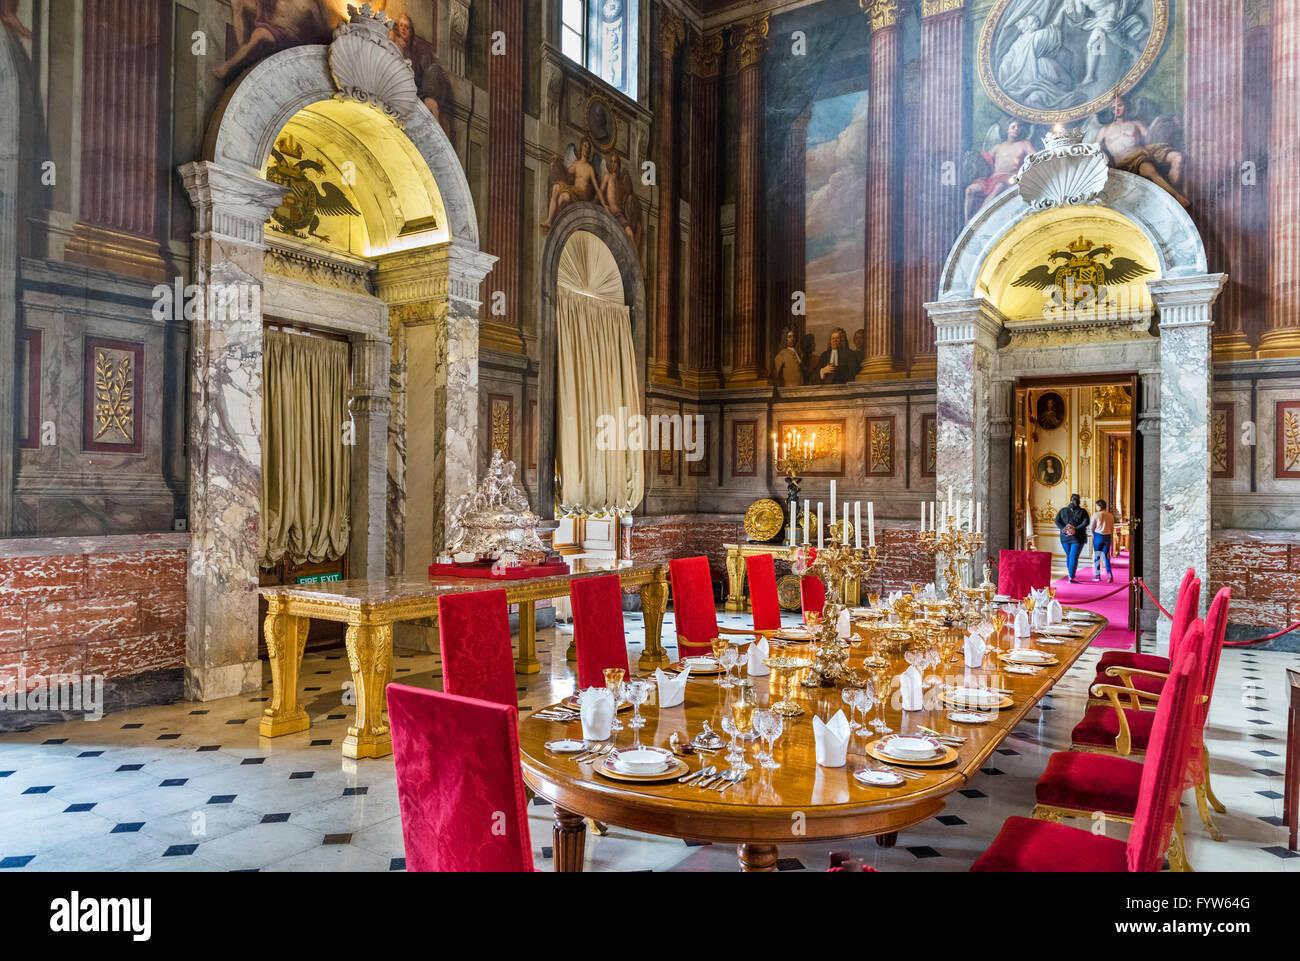 Comedor, el Palacio de Blenheim, asiento de los Duques de Marlborough y lugar de nacimiento de Winston Churchill, Imagen De Stock